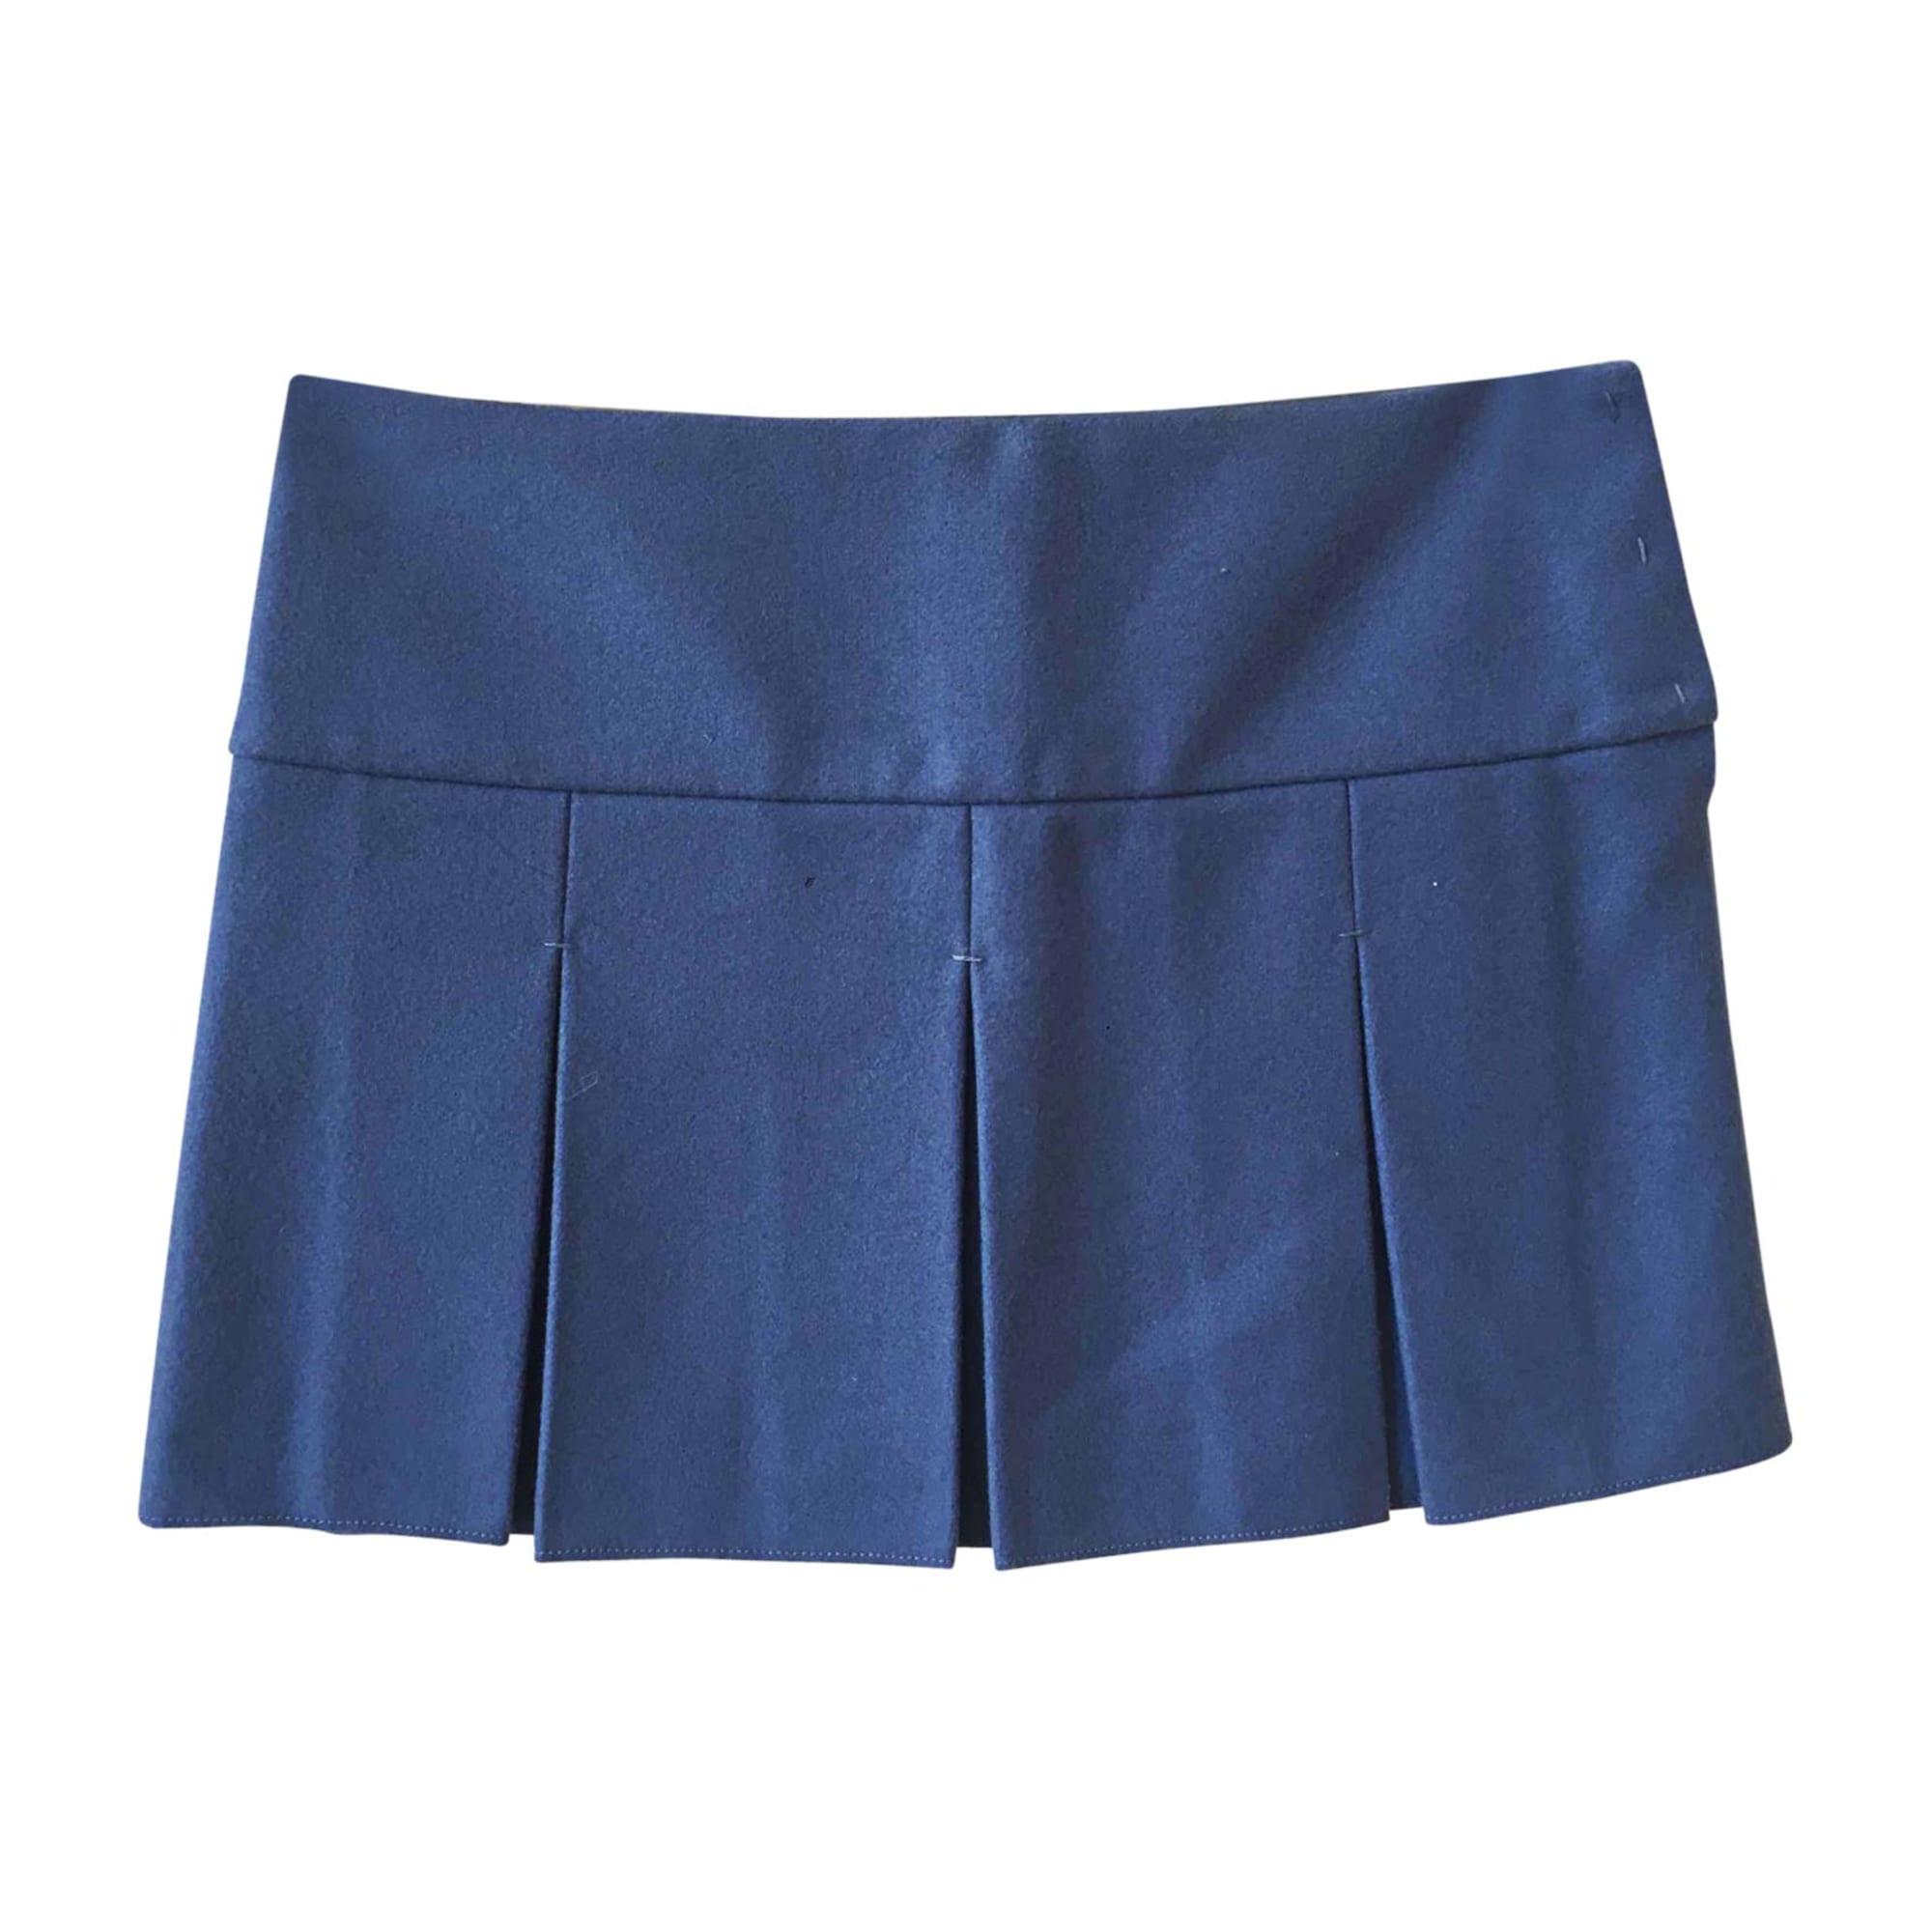 Jupe courte MIU MIU Bleu, bleu marine, bleu turquoise